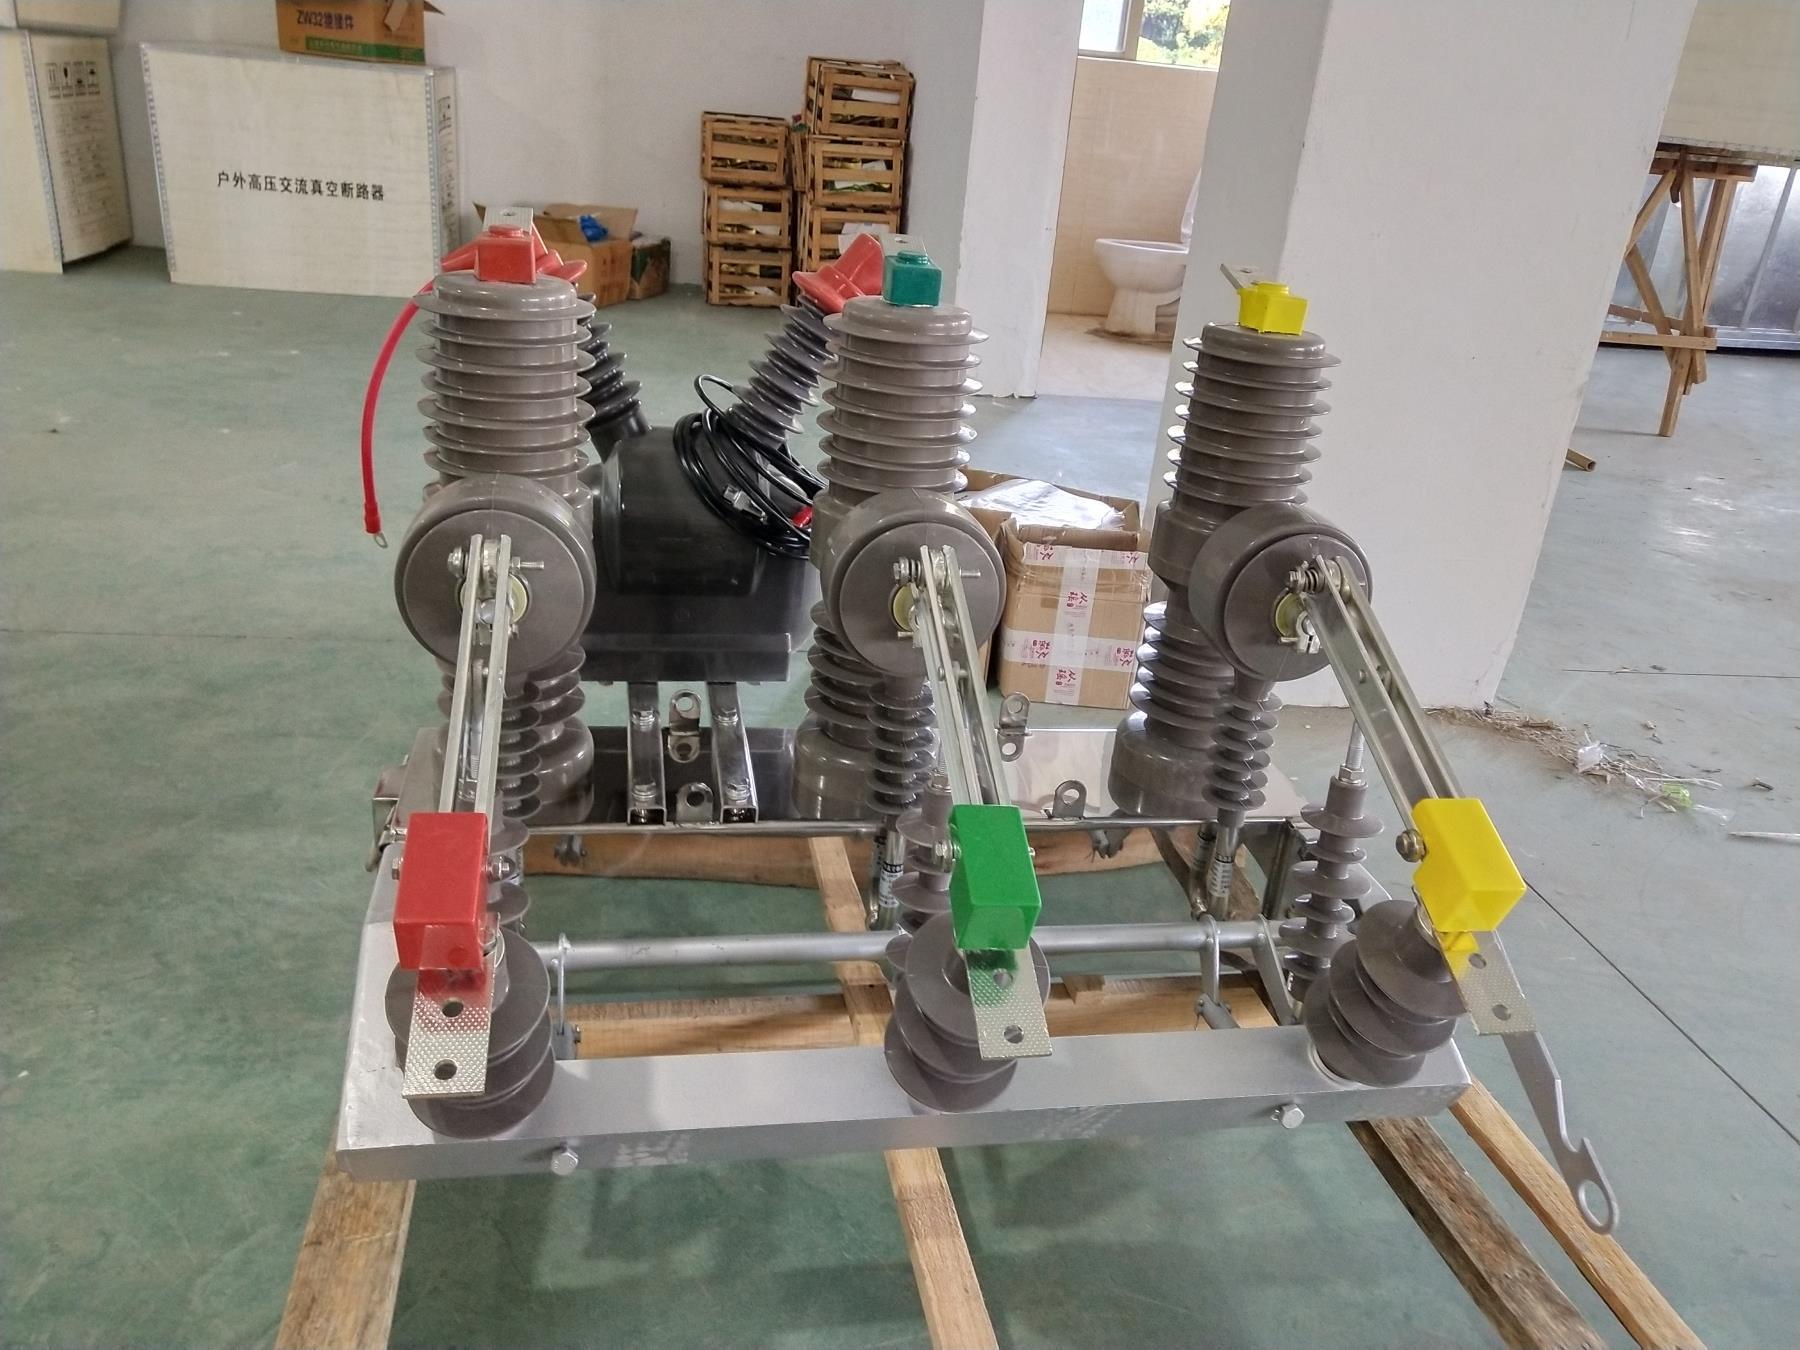 采高压电压互感器结构外置,一体安装均可.